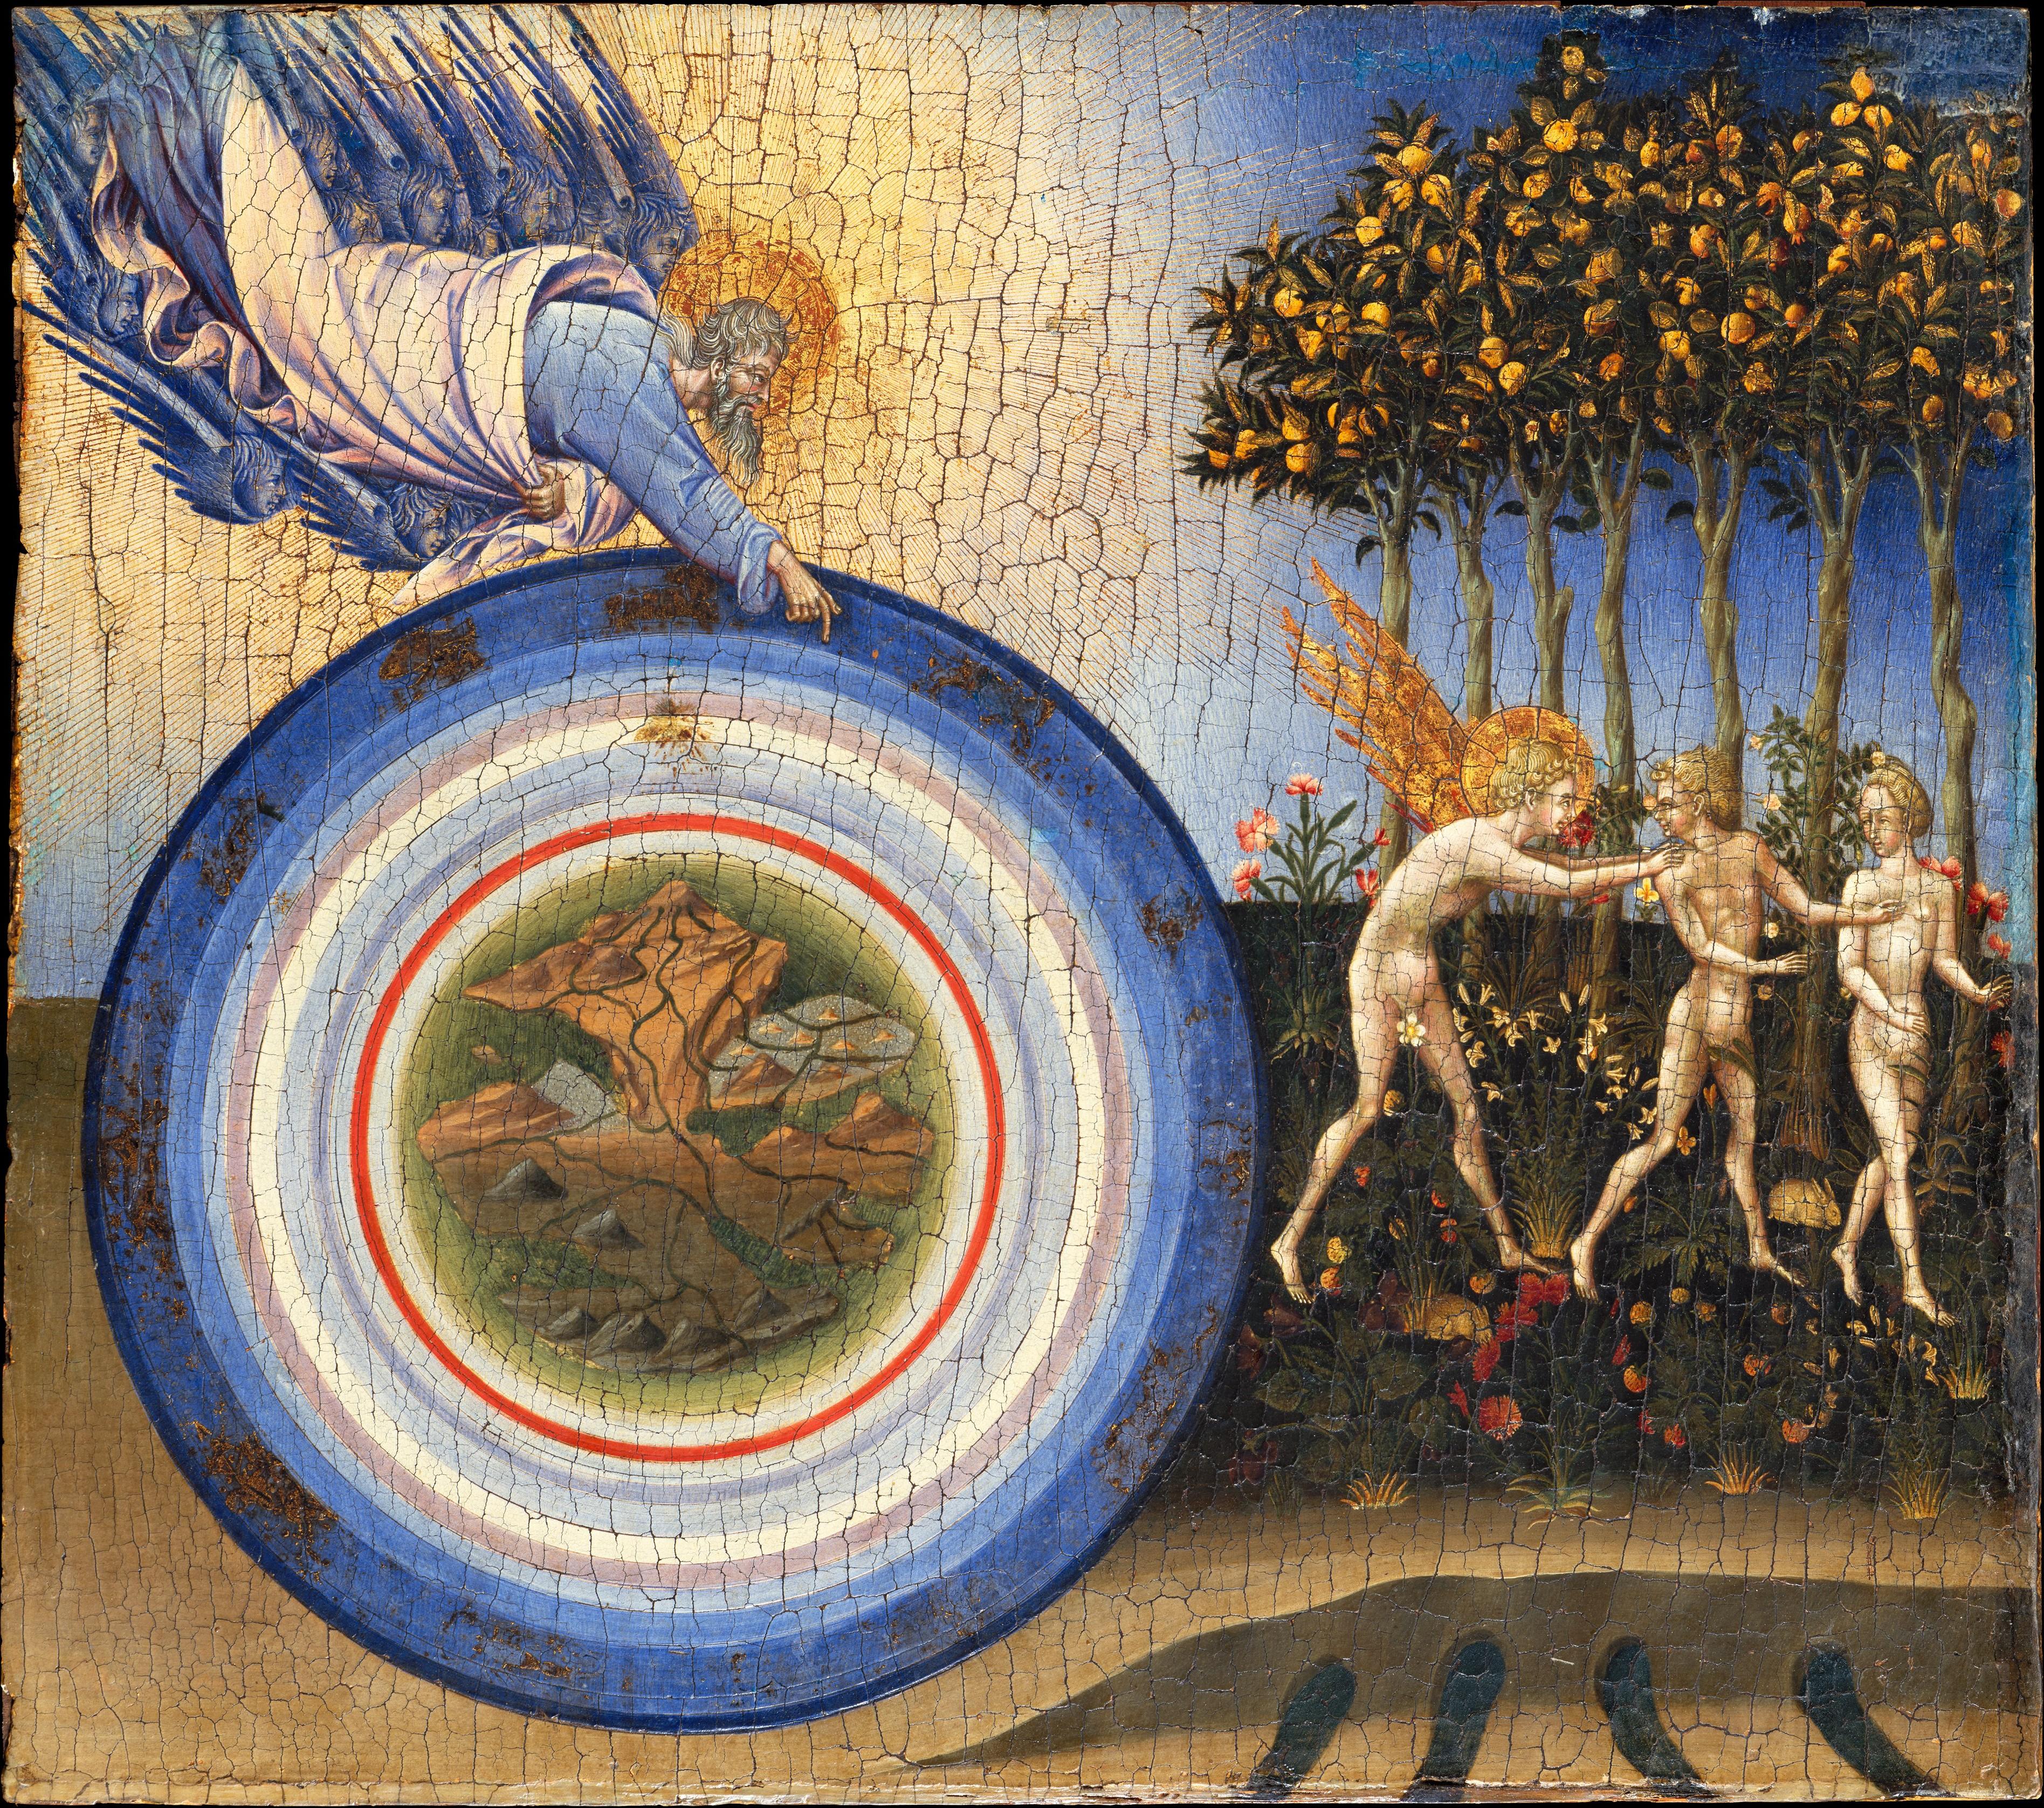 Музей Метрополитен, Нью-Йорк. Giovanni di Paolo (Italian, Siena 1398–1482 Siena). The Creation of the World,  1445.